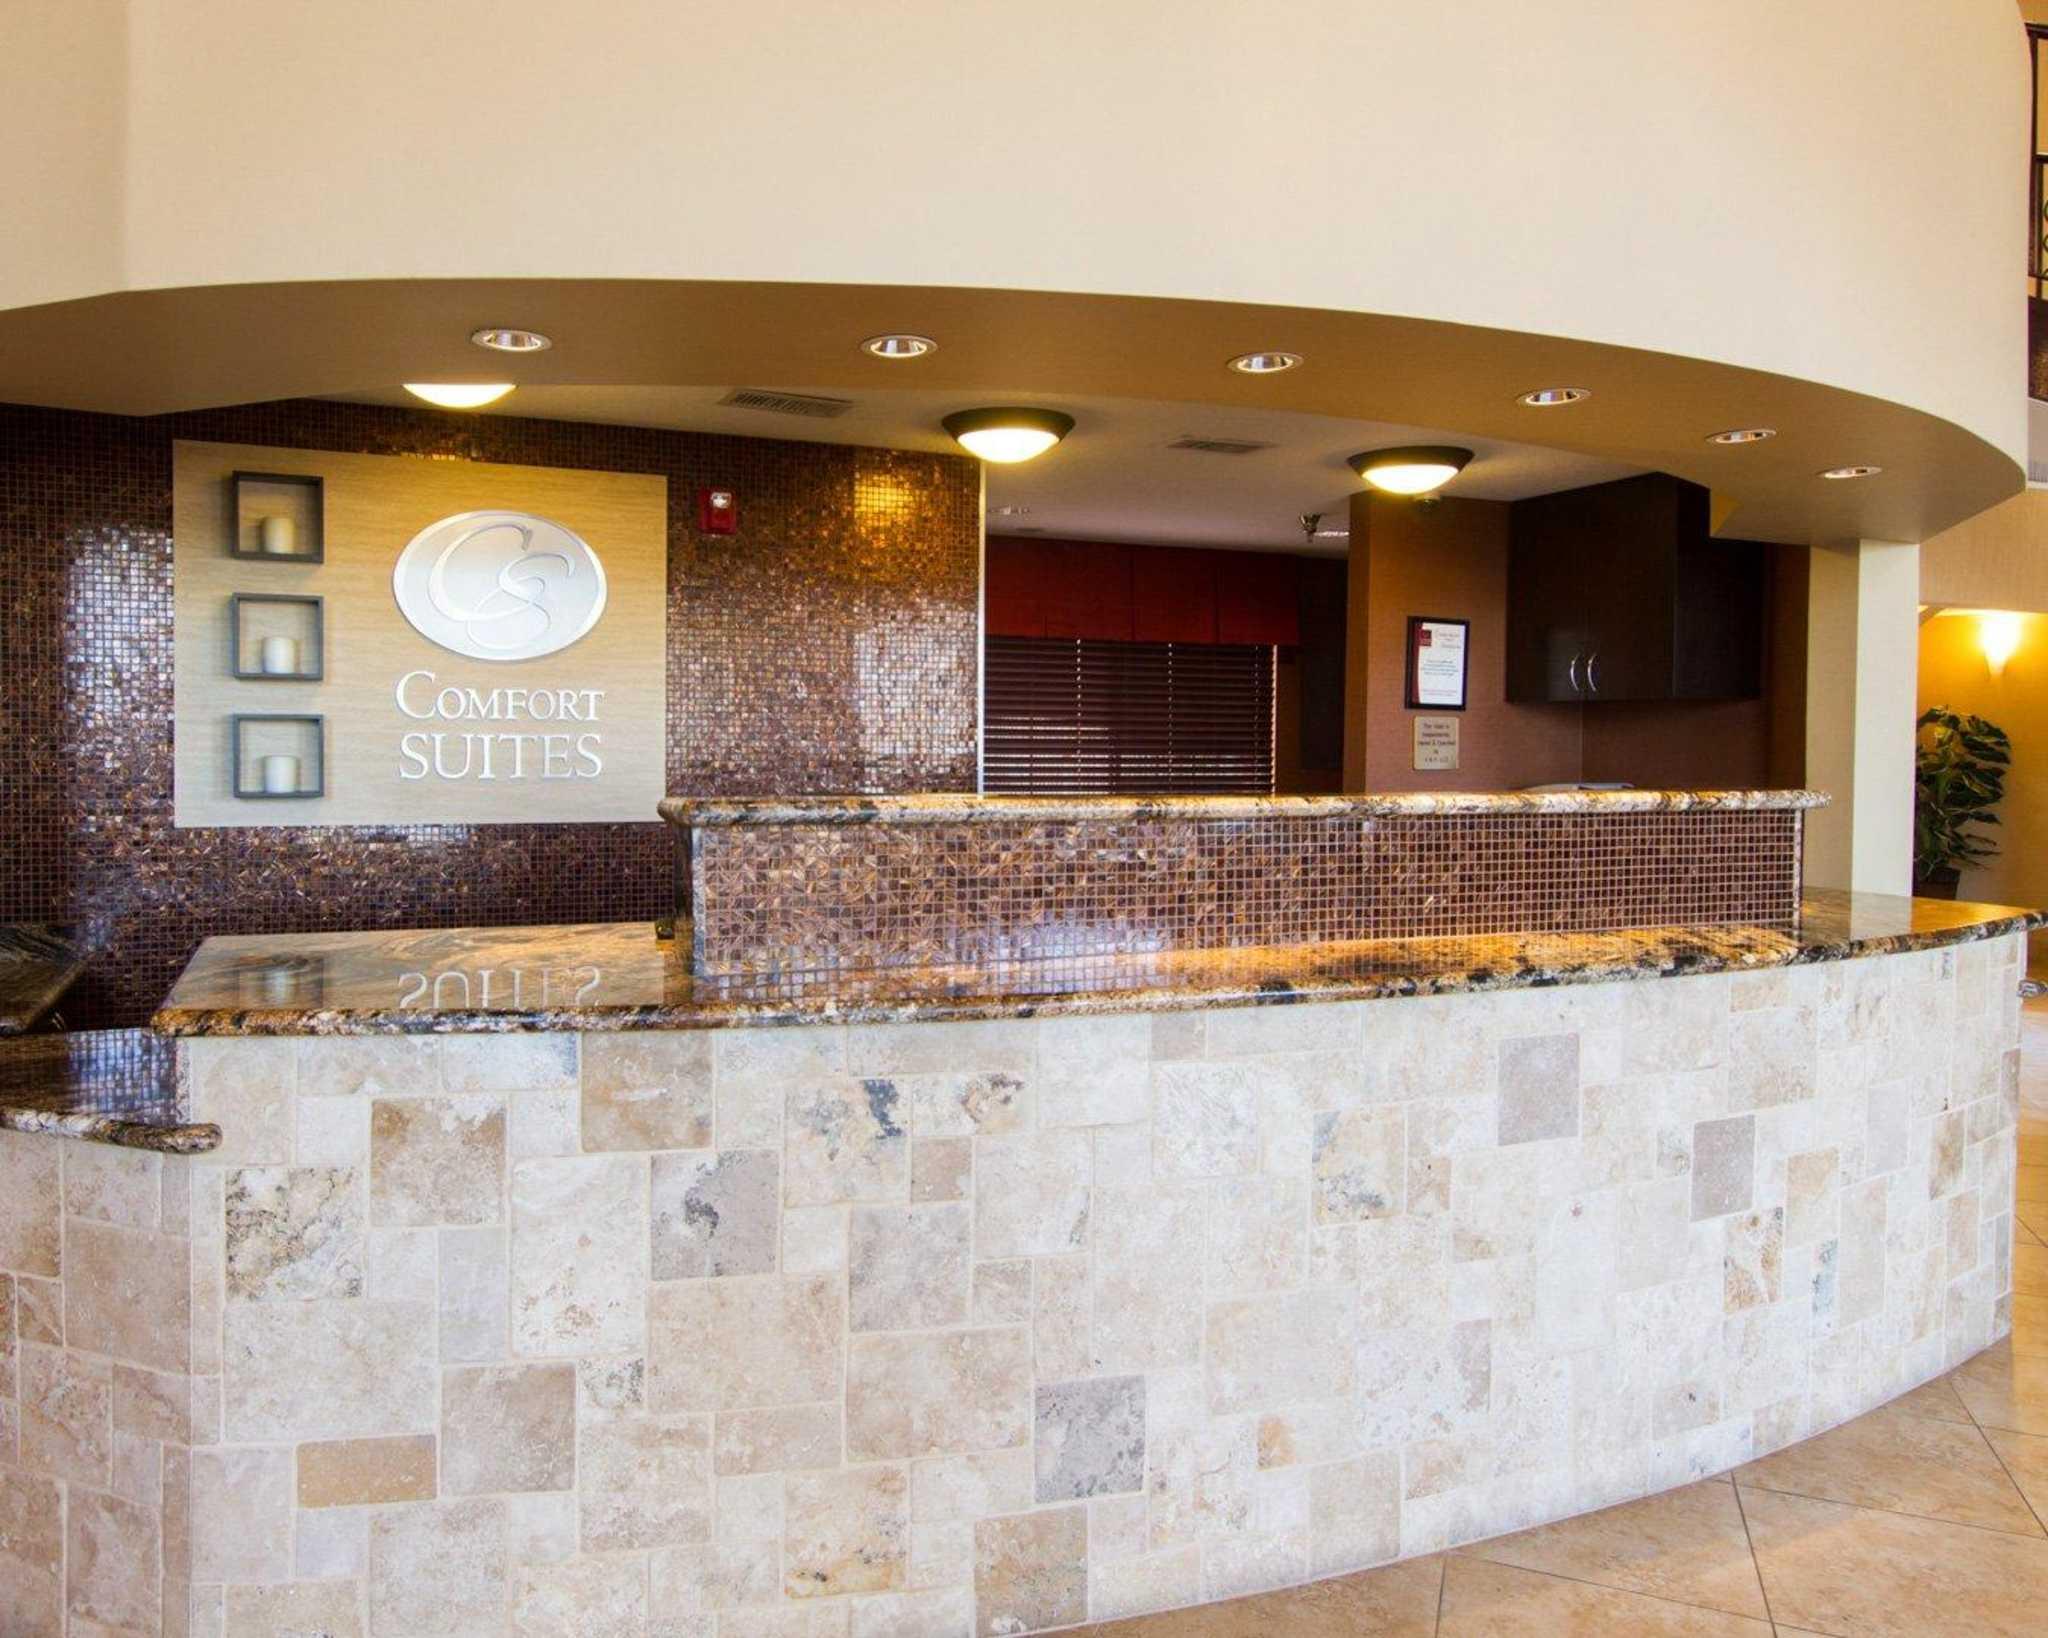 Comfort Suites Phoenix Airport image 6